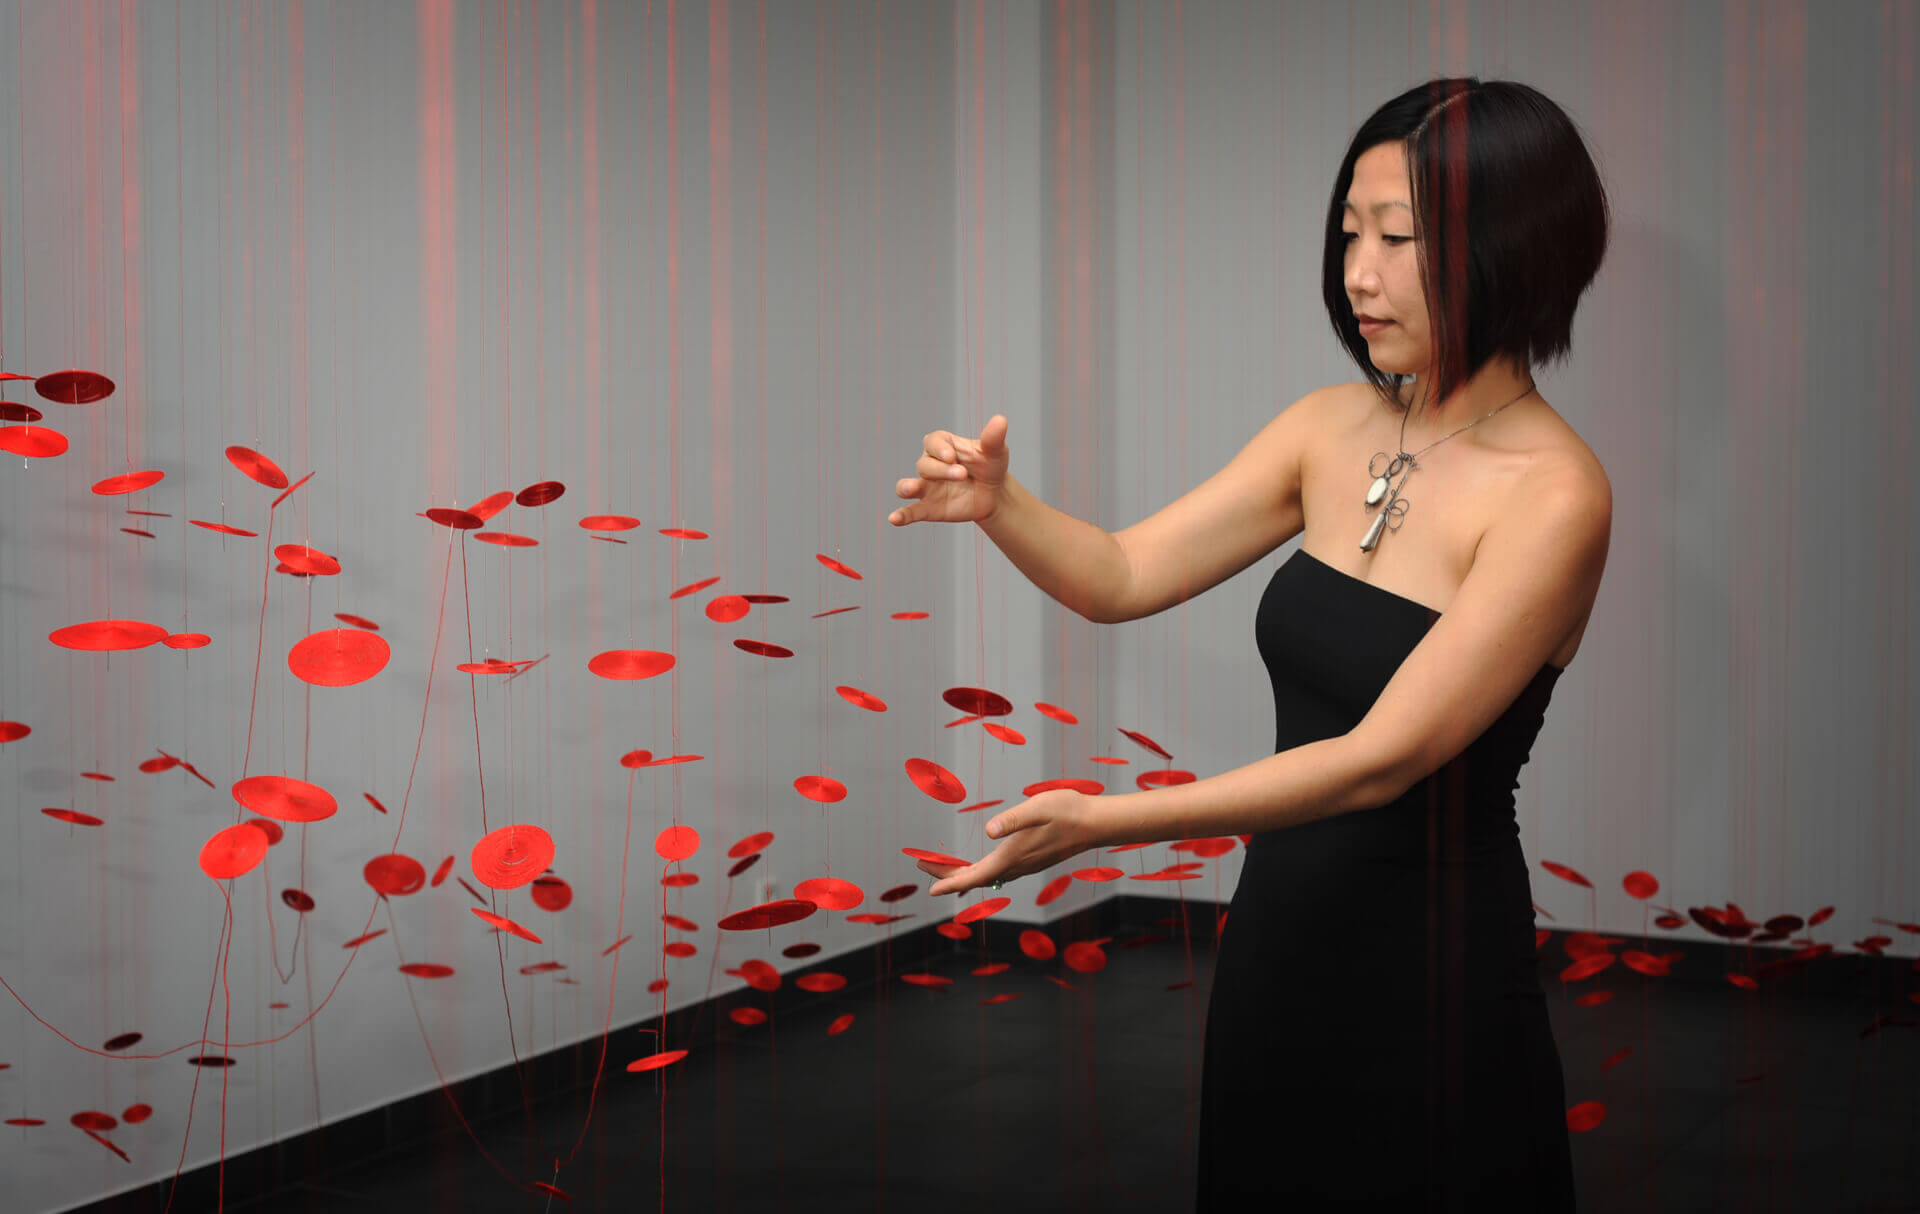 eventfotografie-muenchen-openart-galerie-ruetz-Beili-Liu